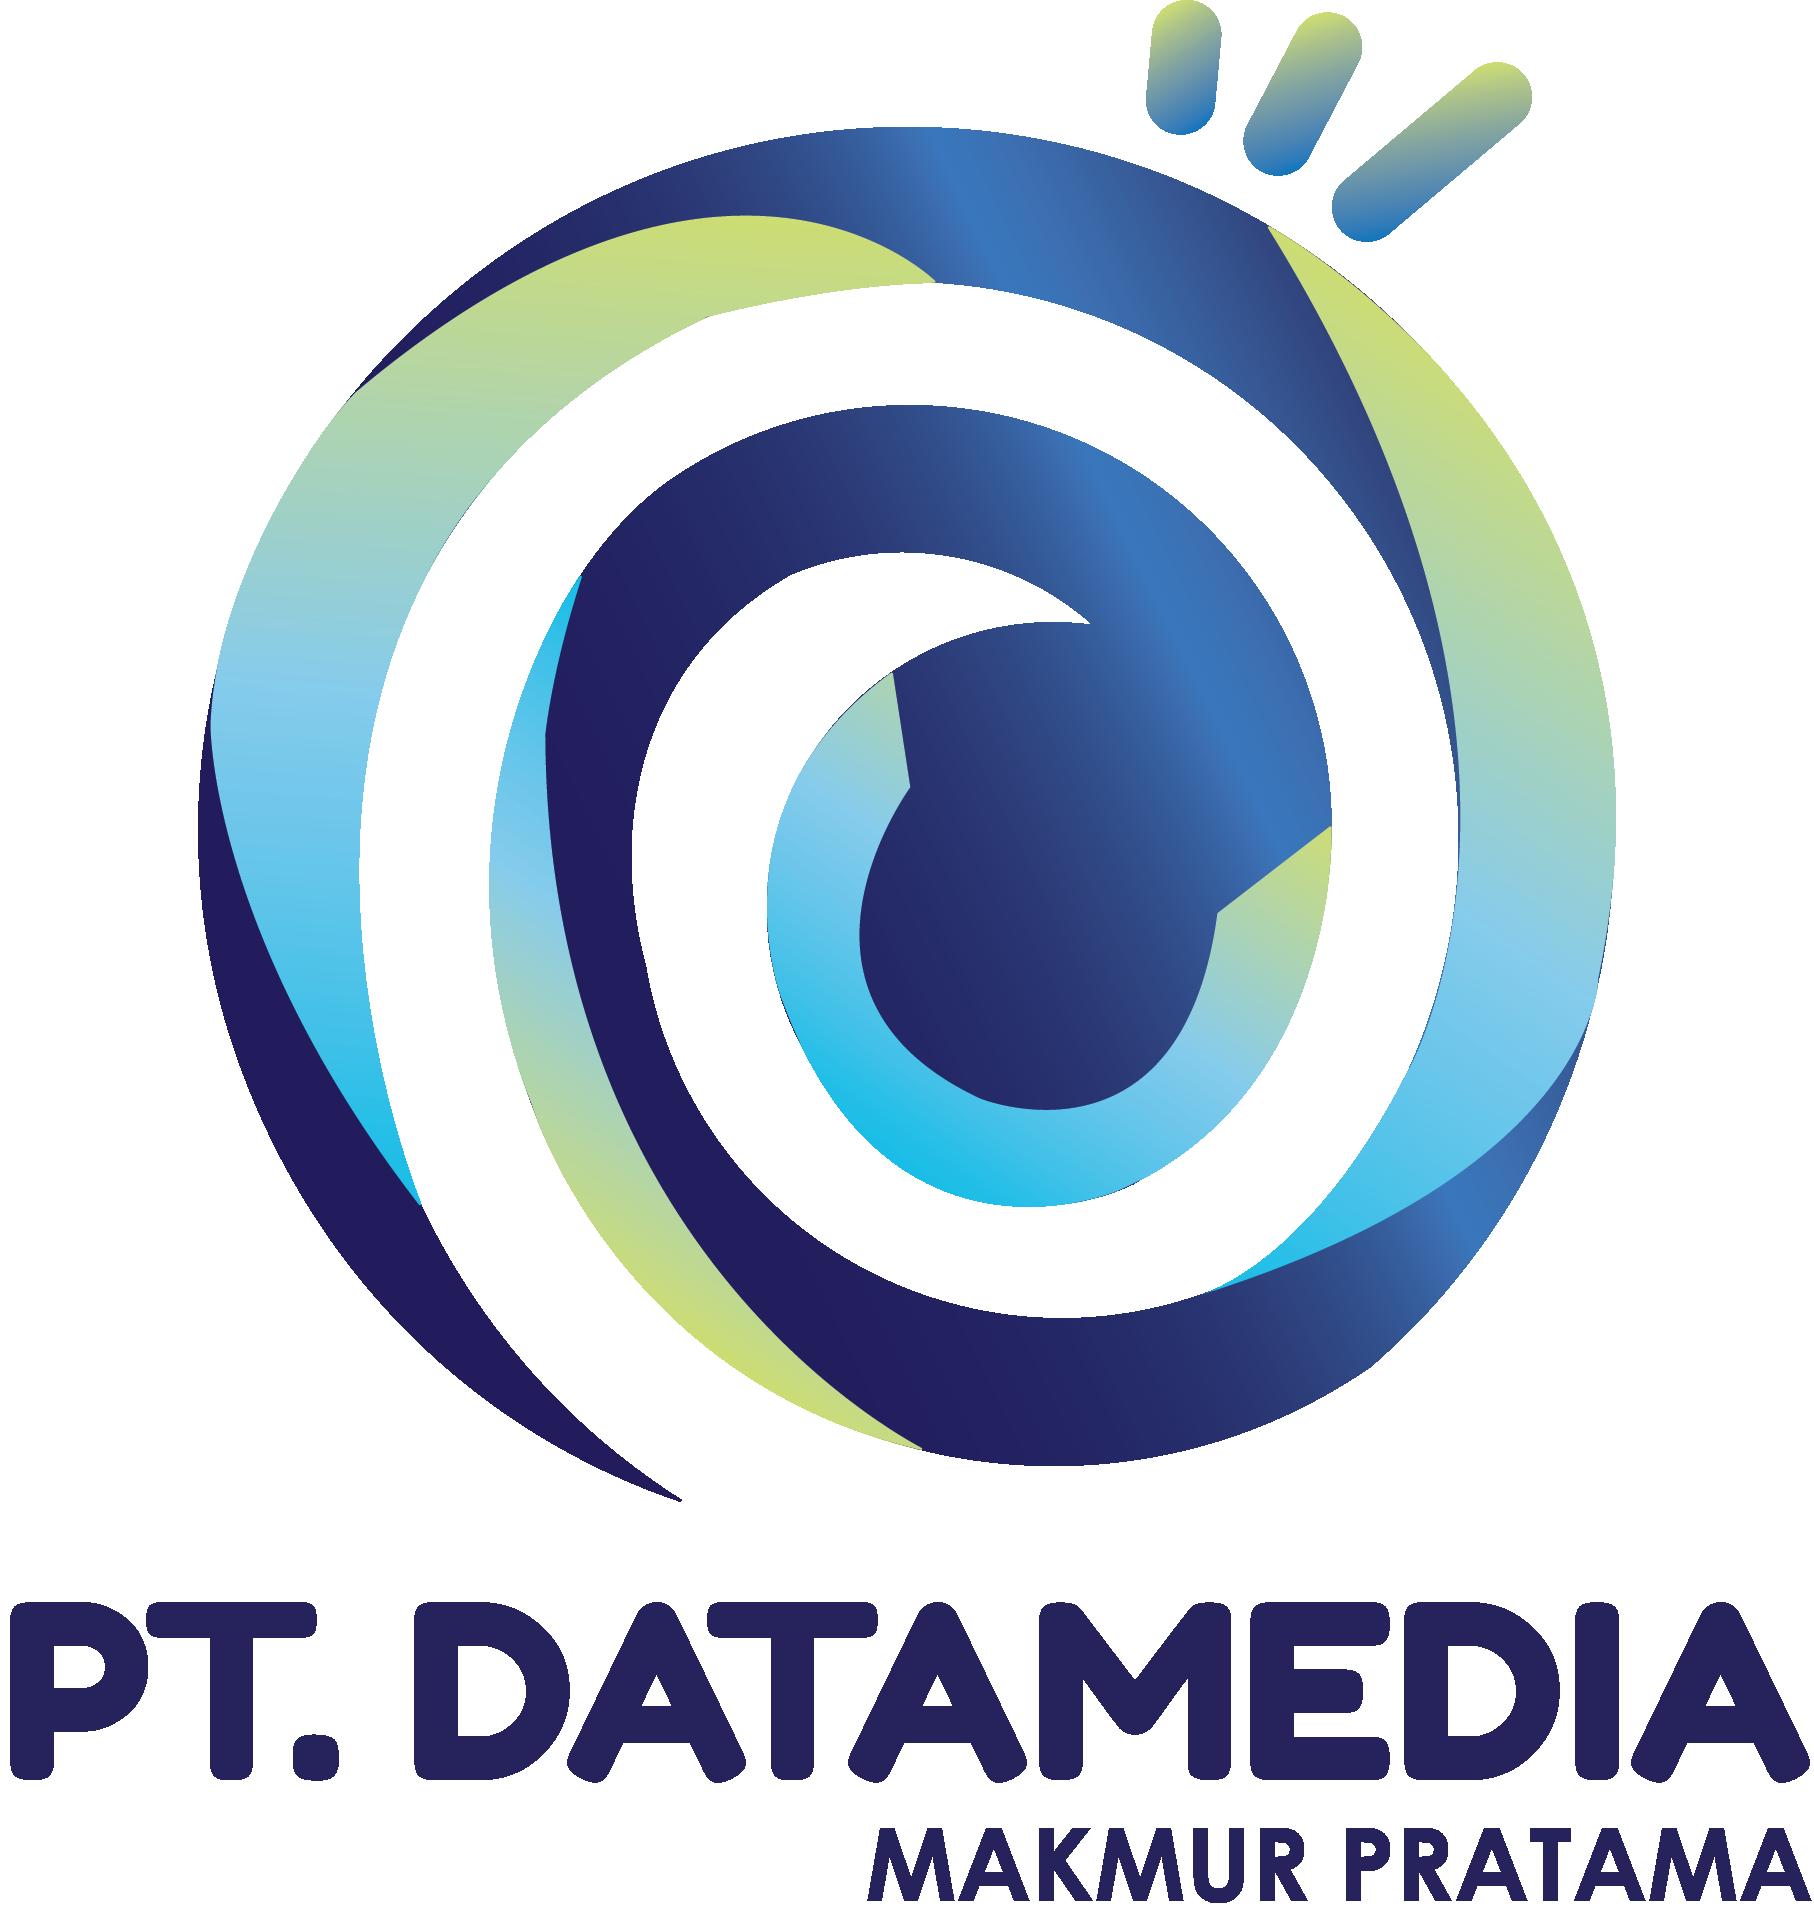 PT. Datamedia Makmur Pratama